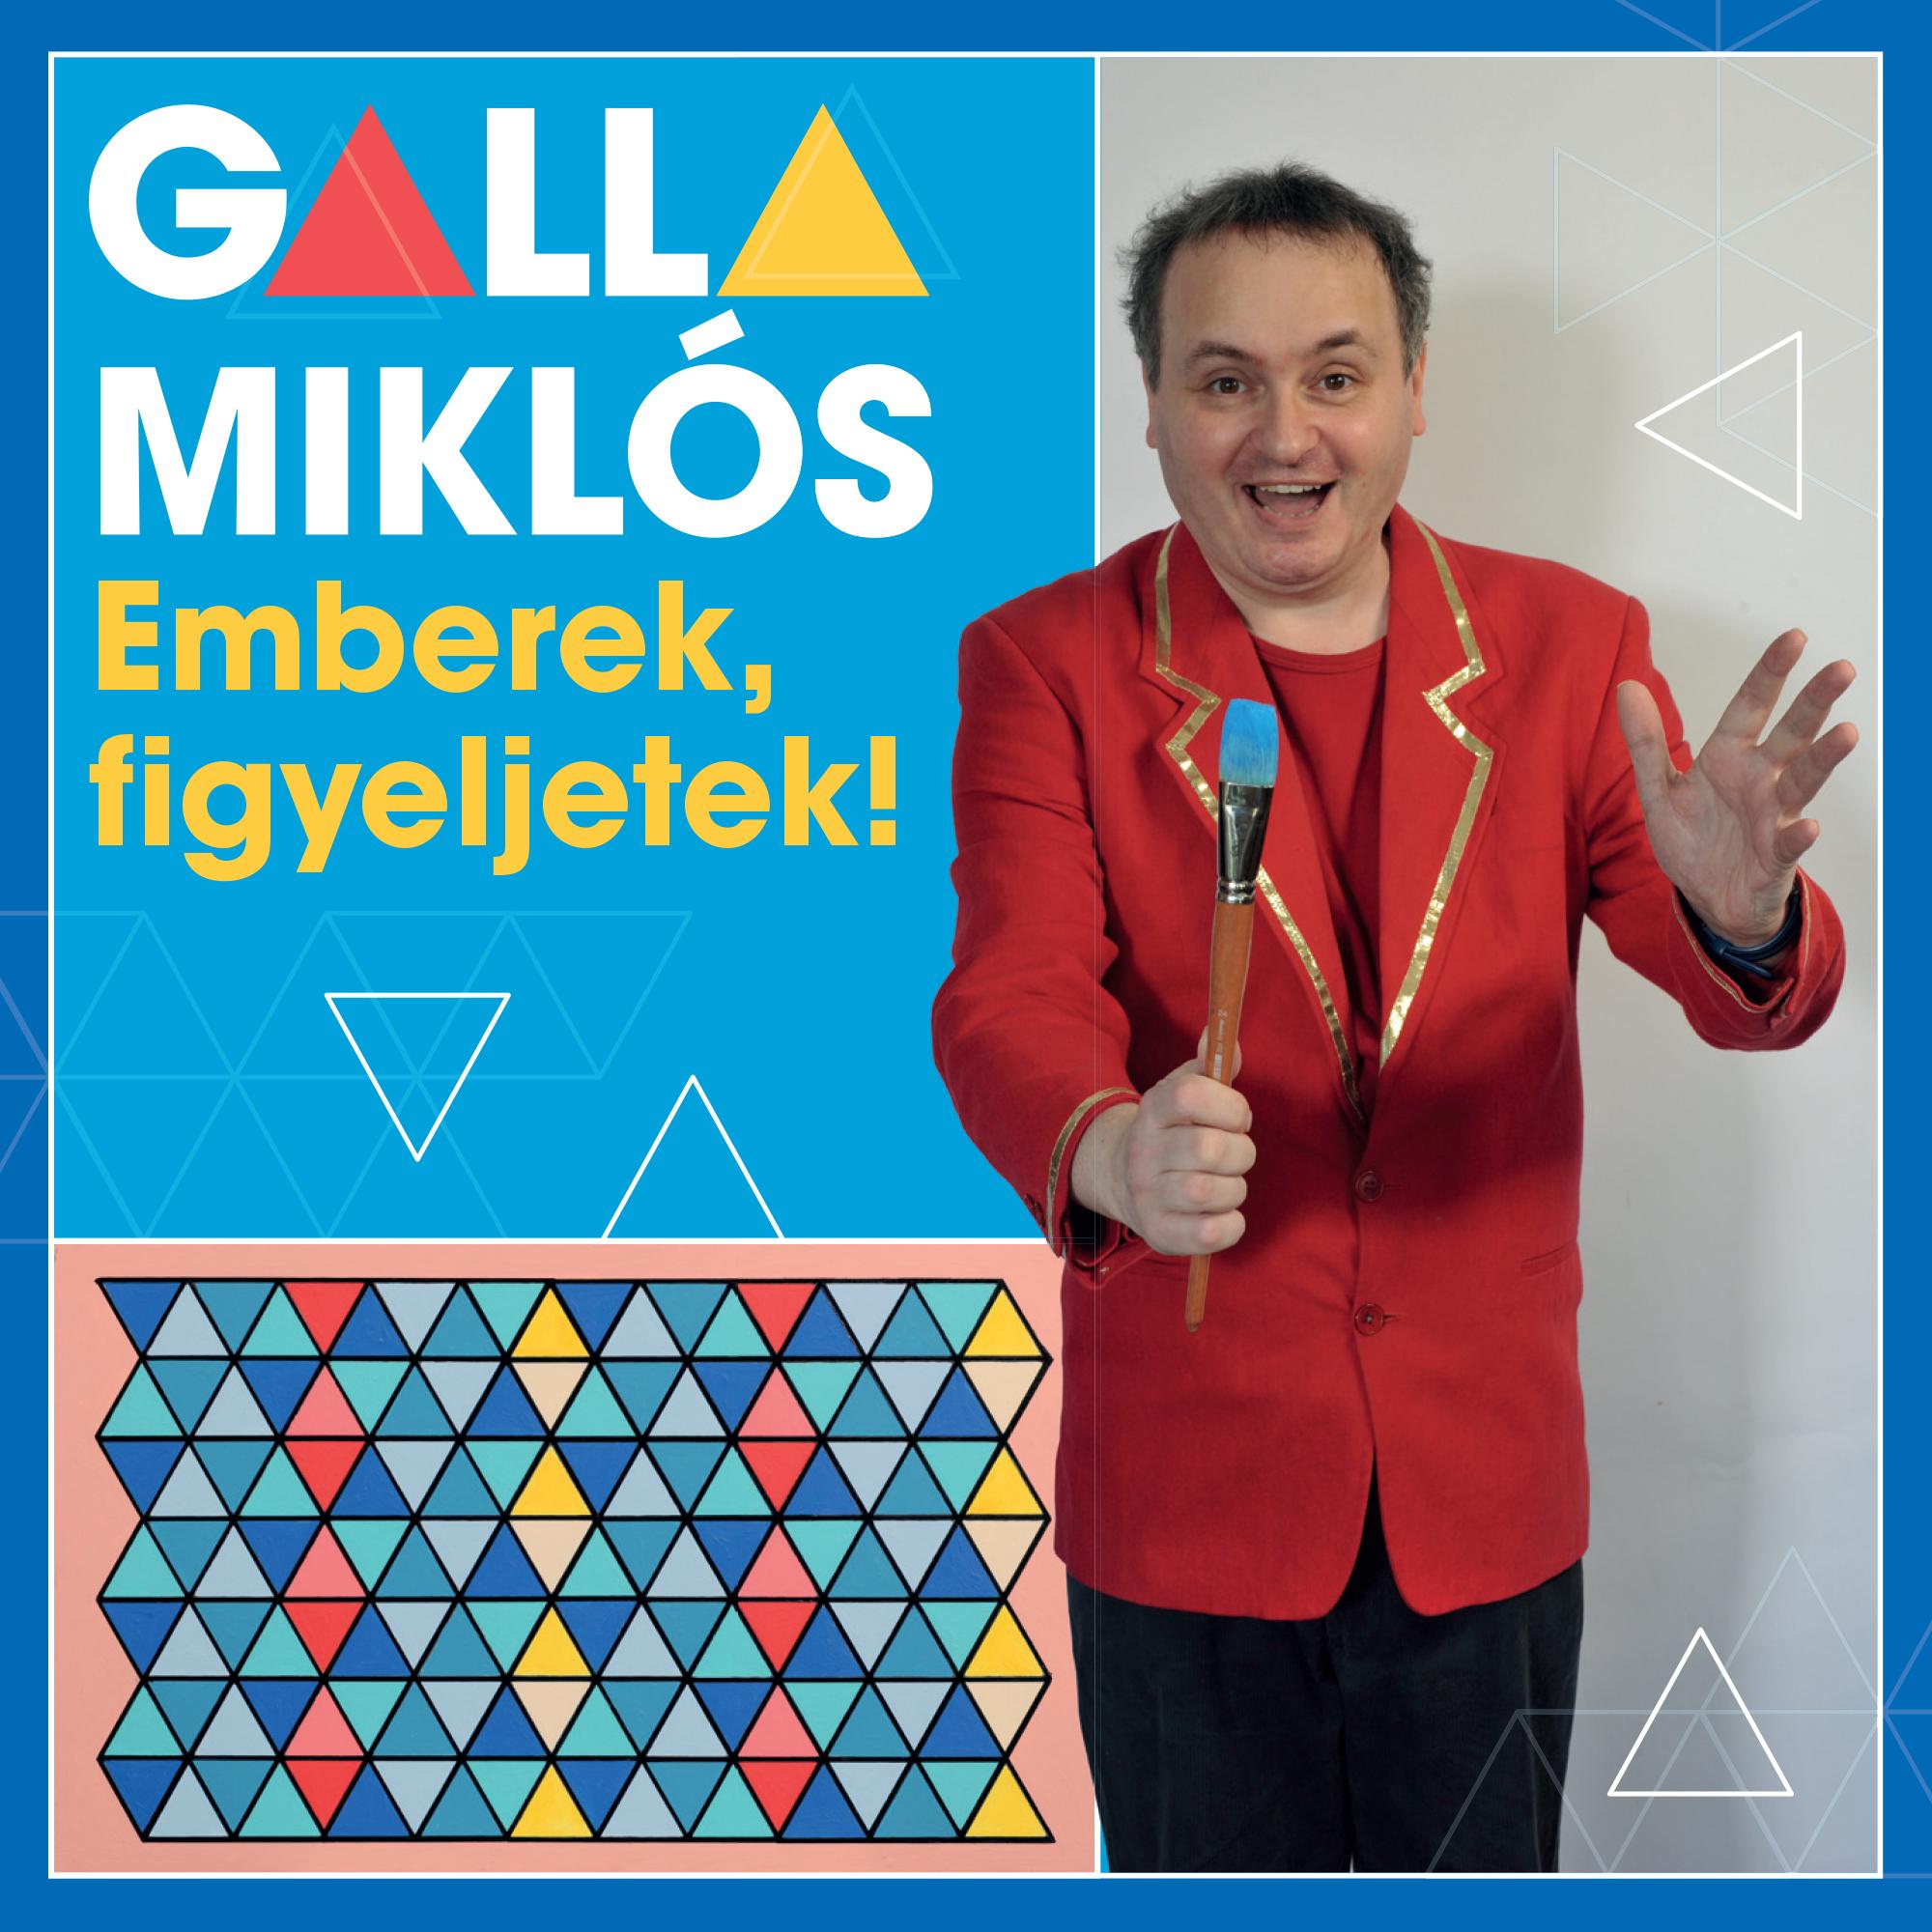 galla_miklos_emberek_figyeljetek_cover_2000.jpg